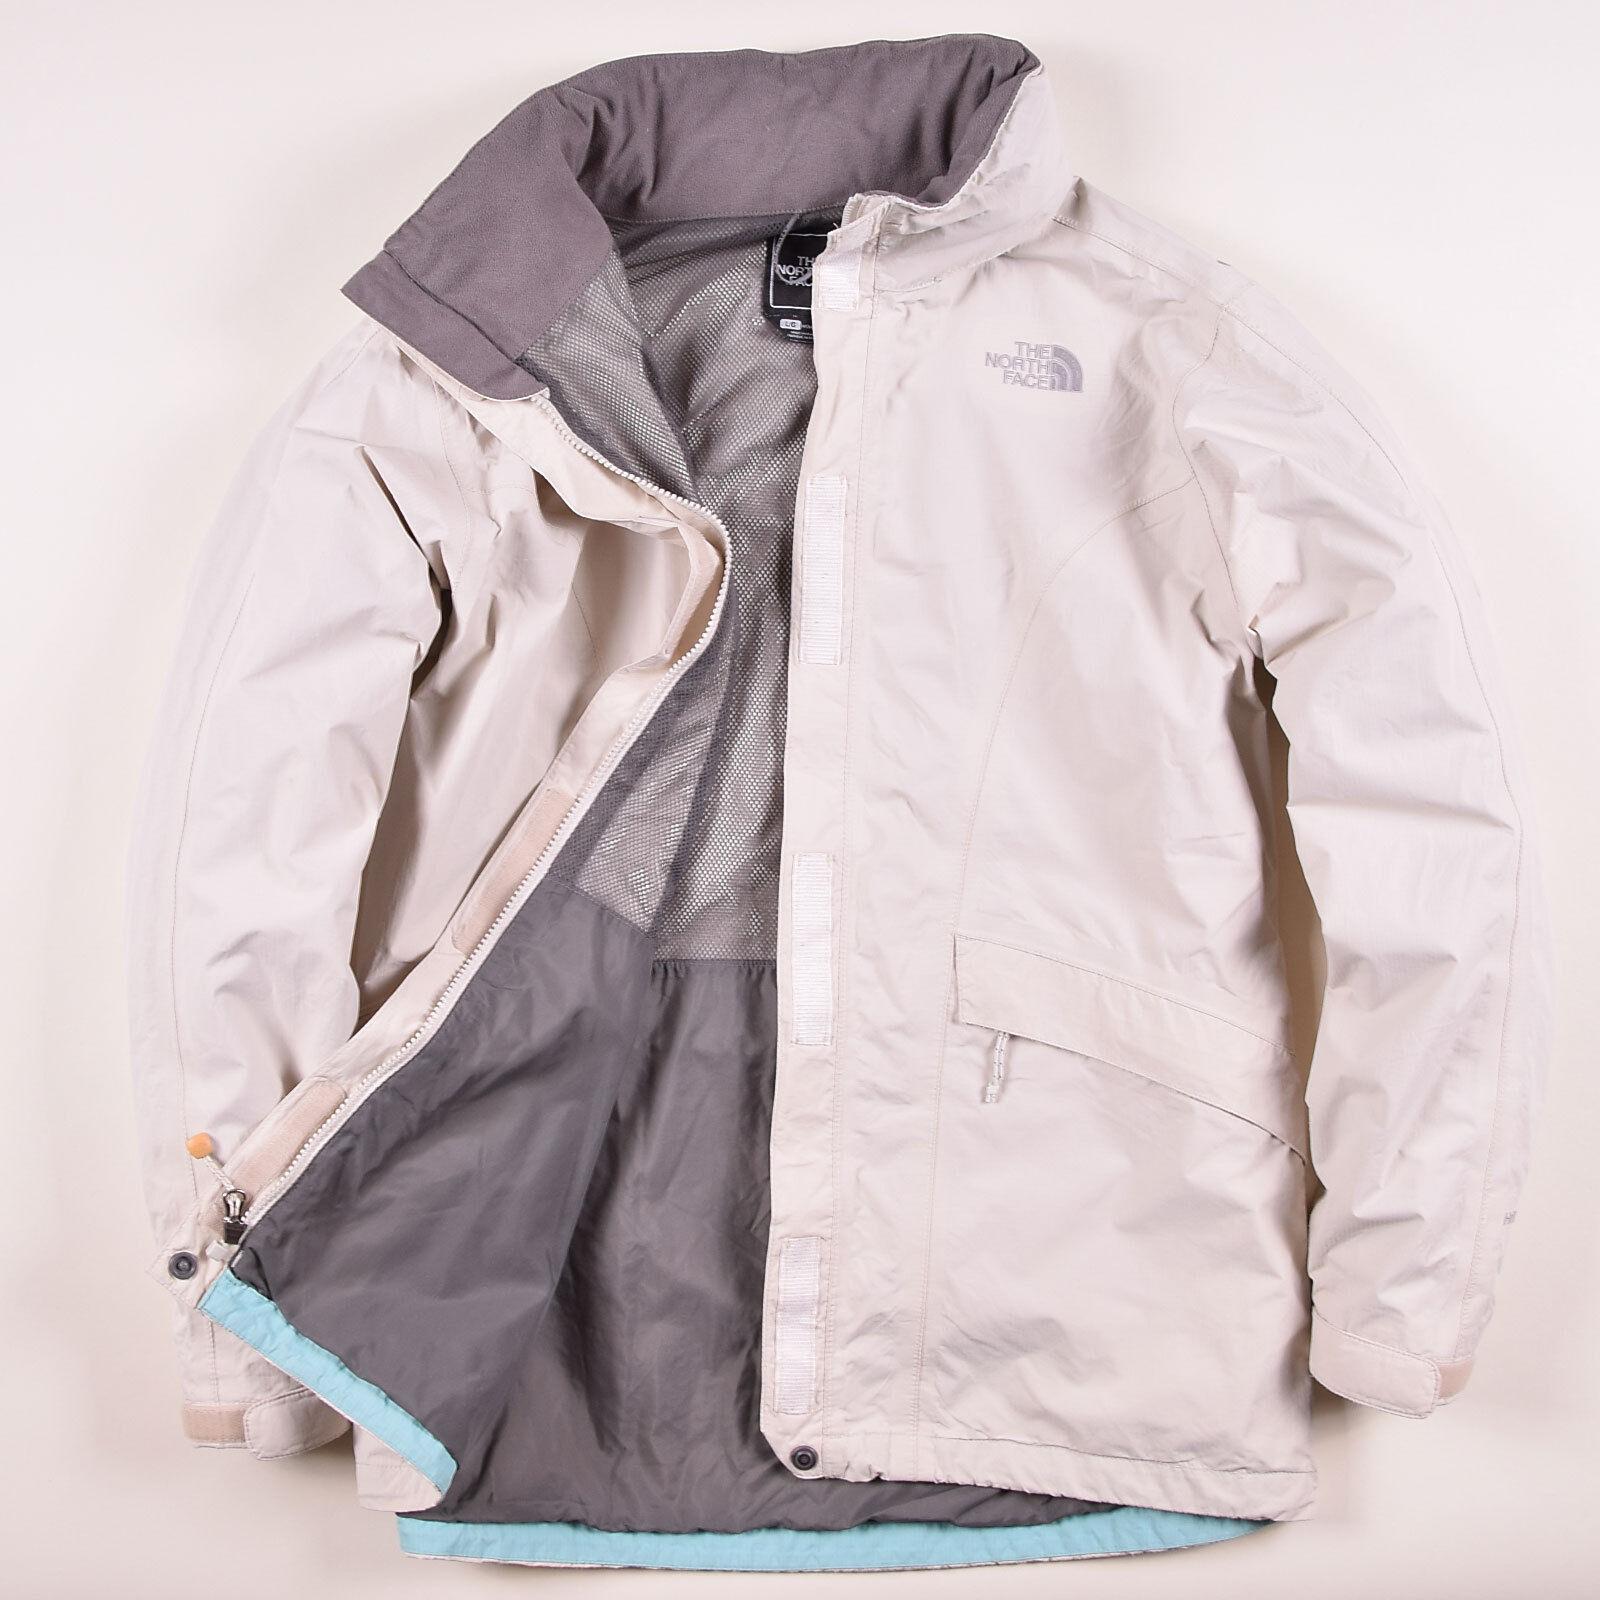 North Face Damen Jacke Jacket Gr.L (DE 42) HyVent Regenjacke Beige, 58953